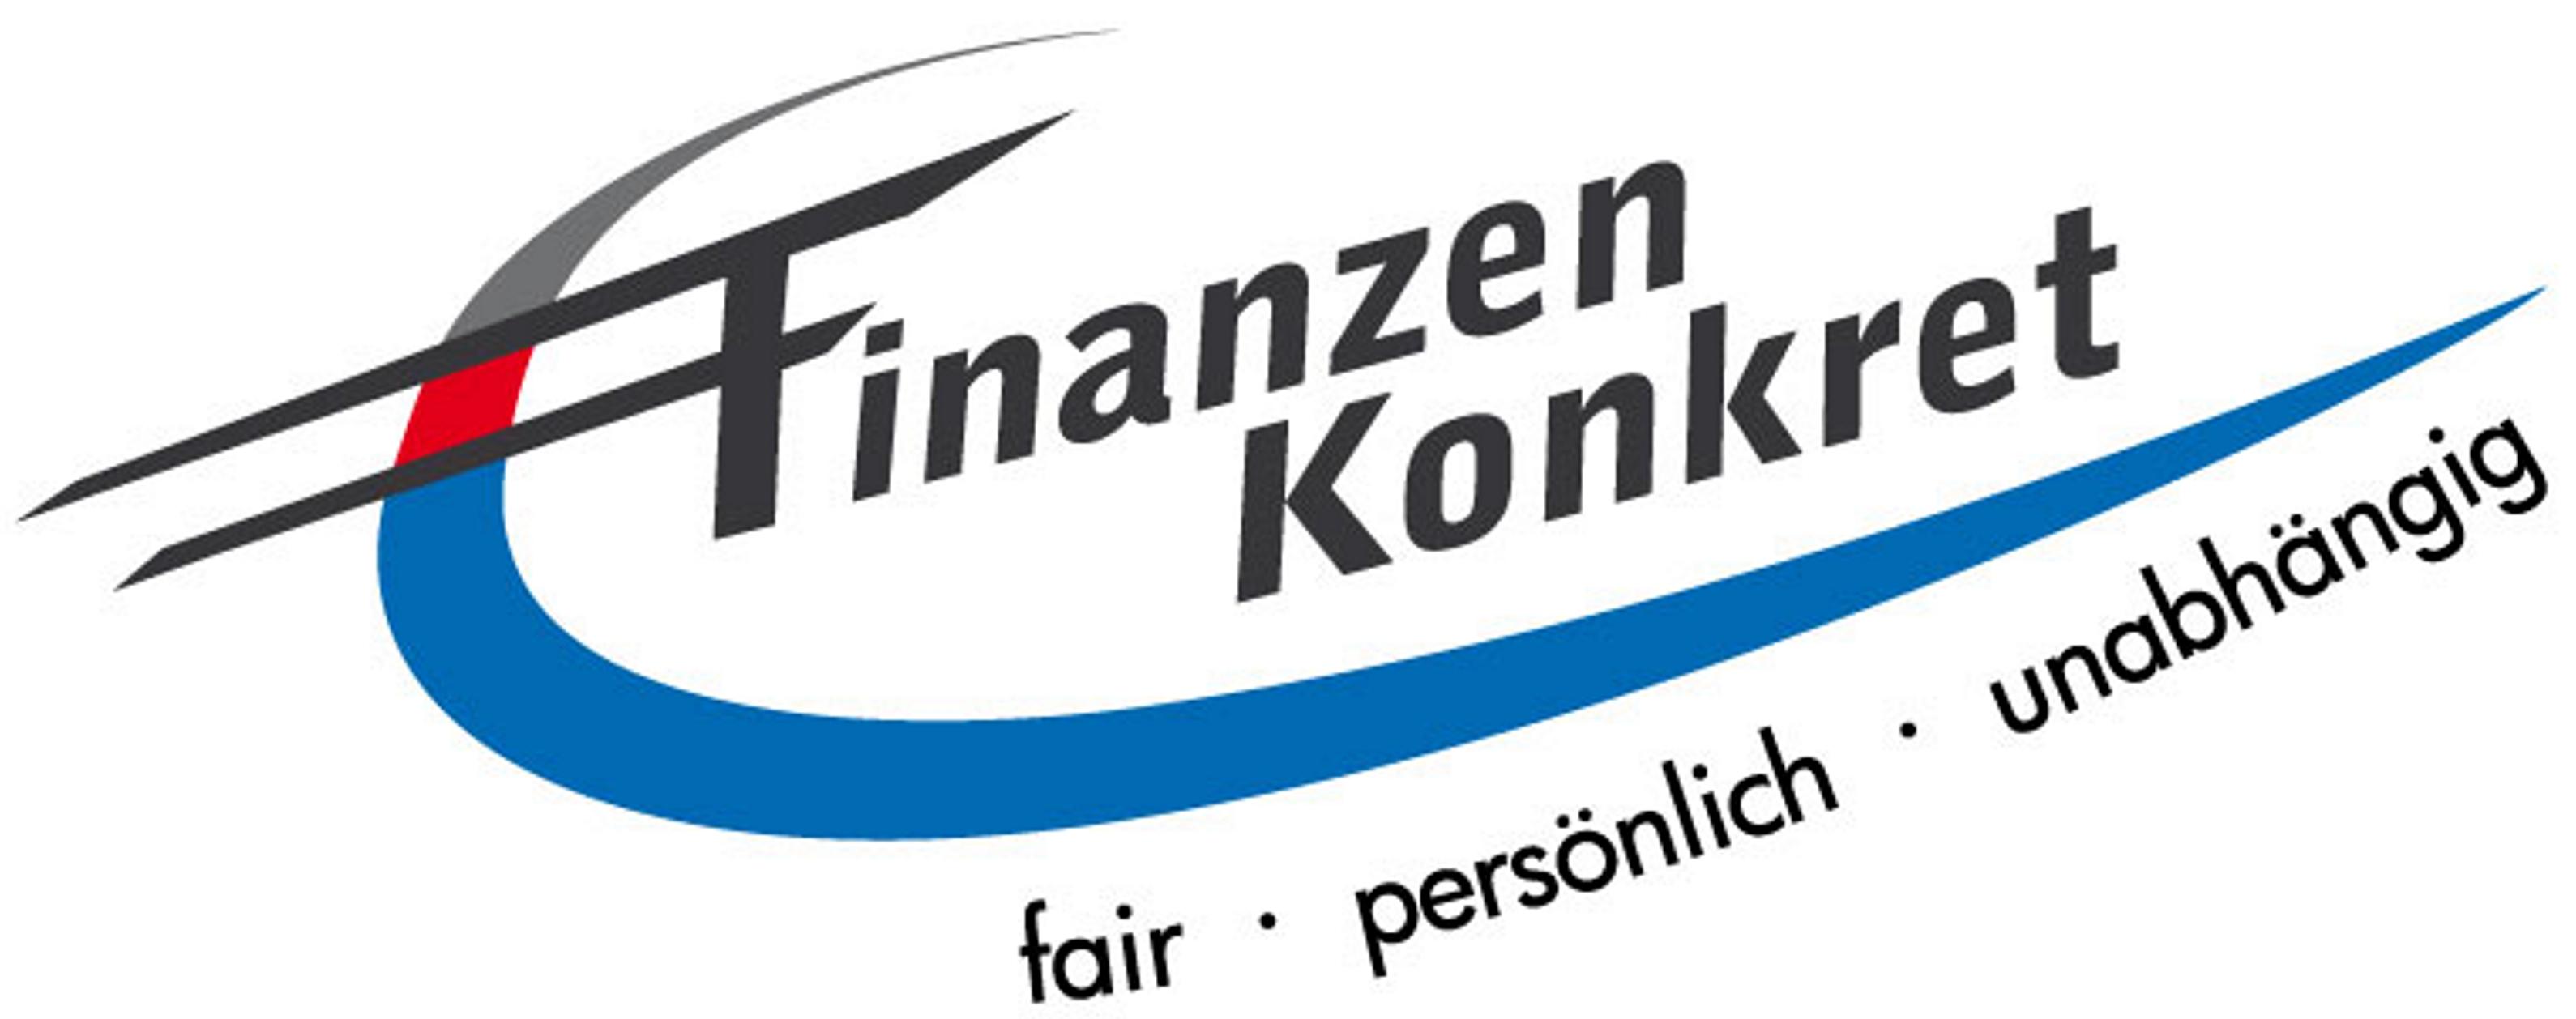 Finanzen-konkret